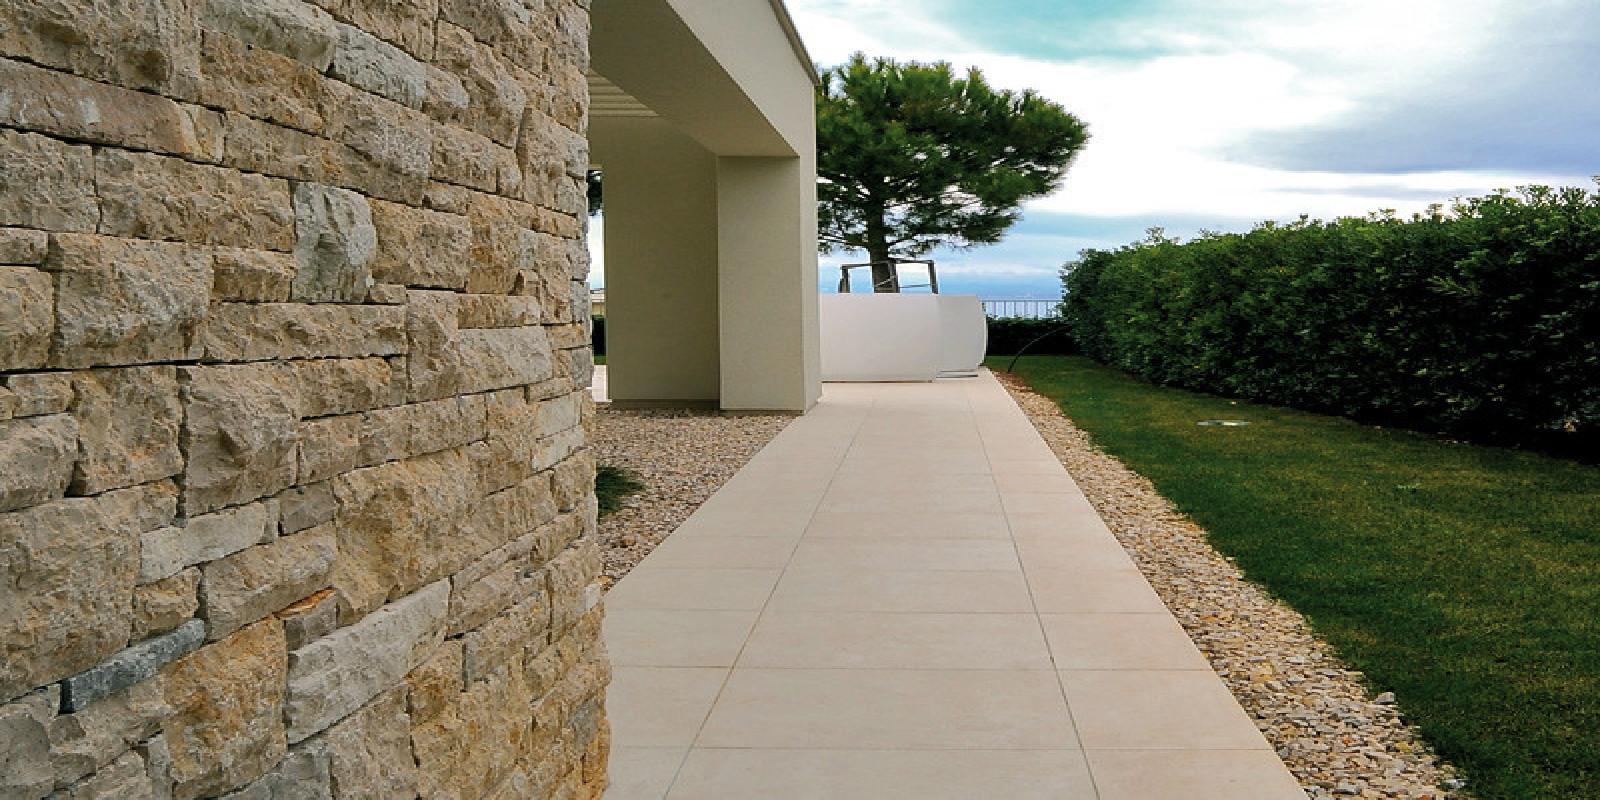 Pavimenti per esterni piastrelle sottili posa su pavimenti esistenti